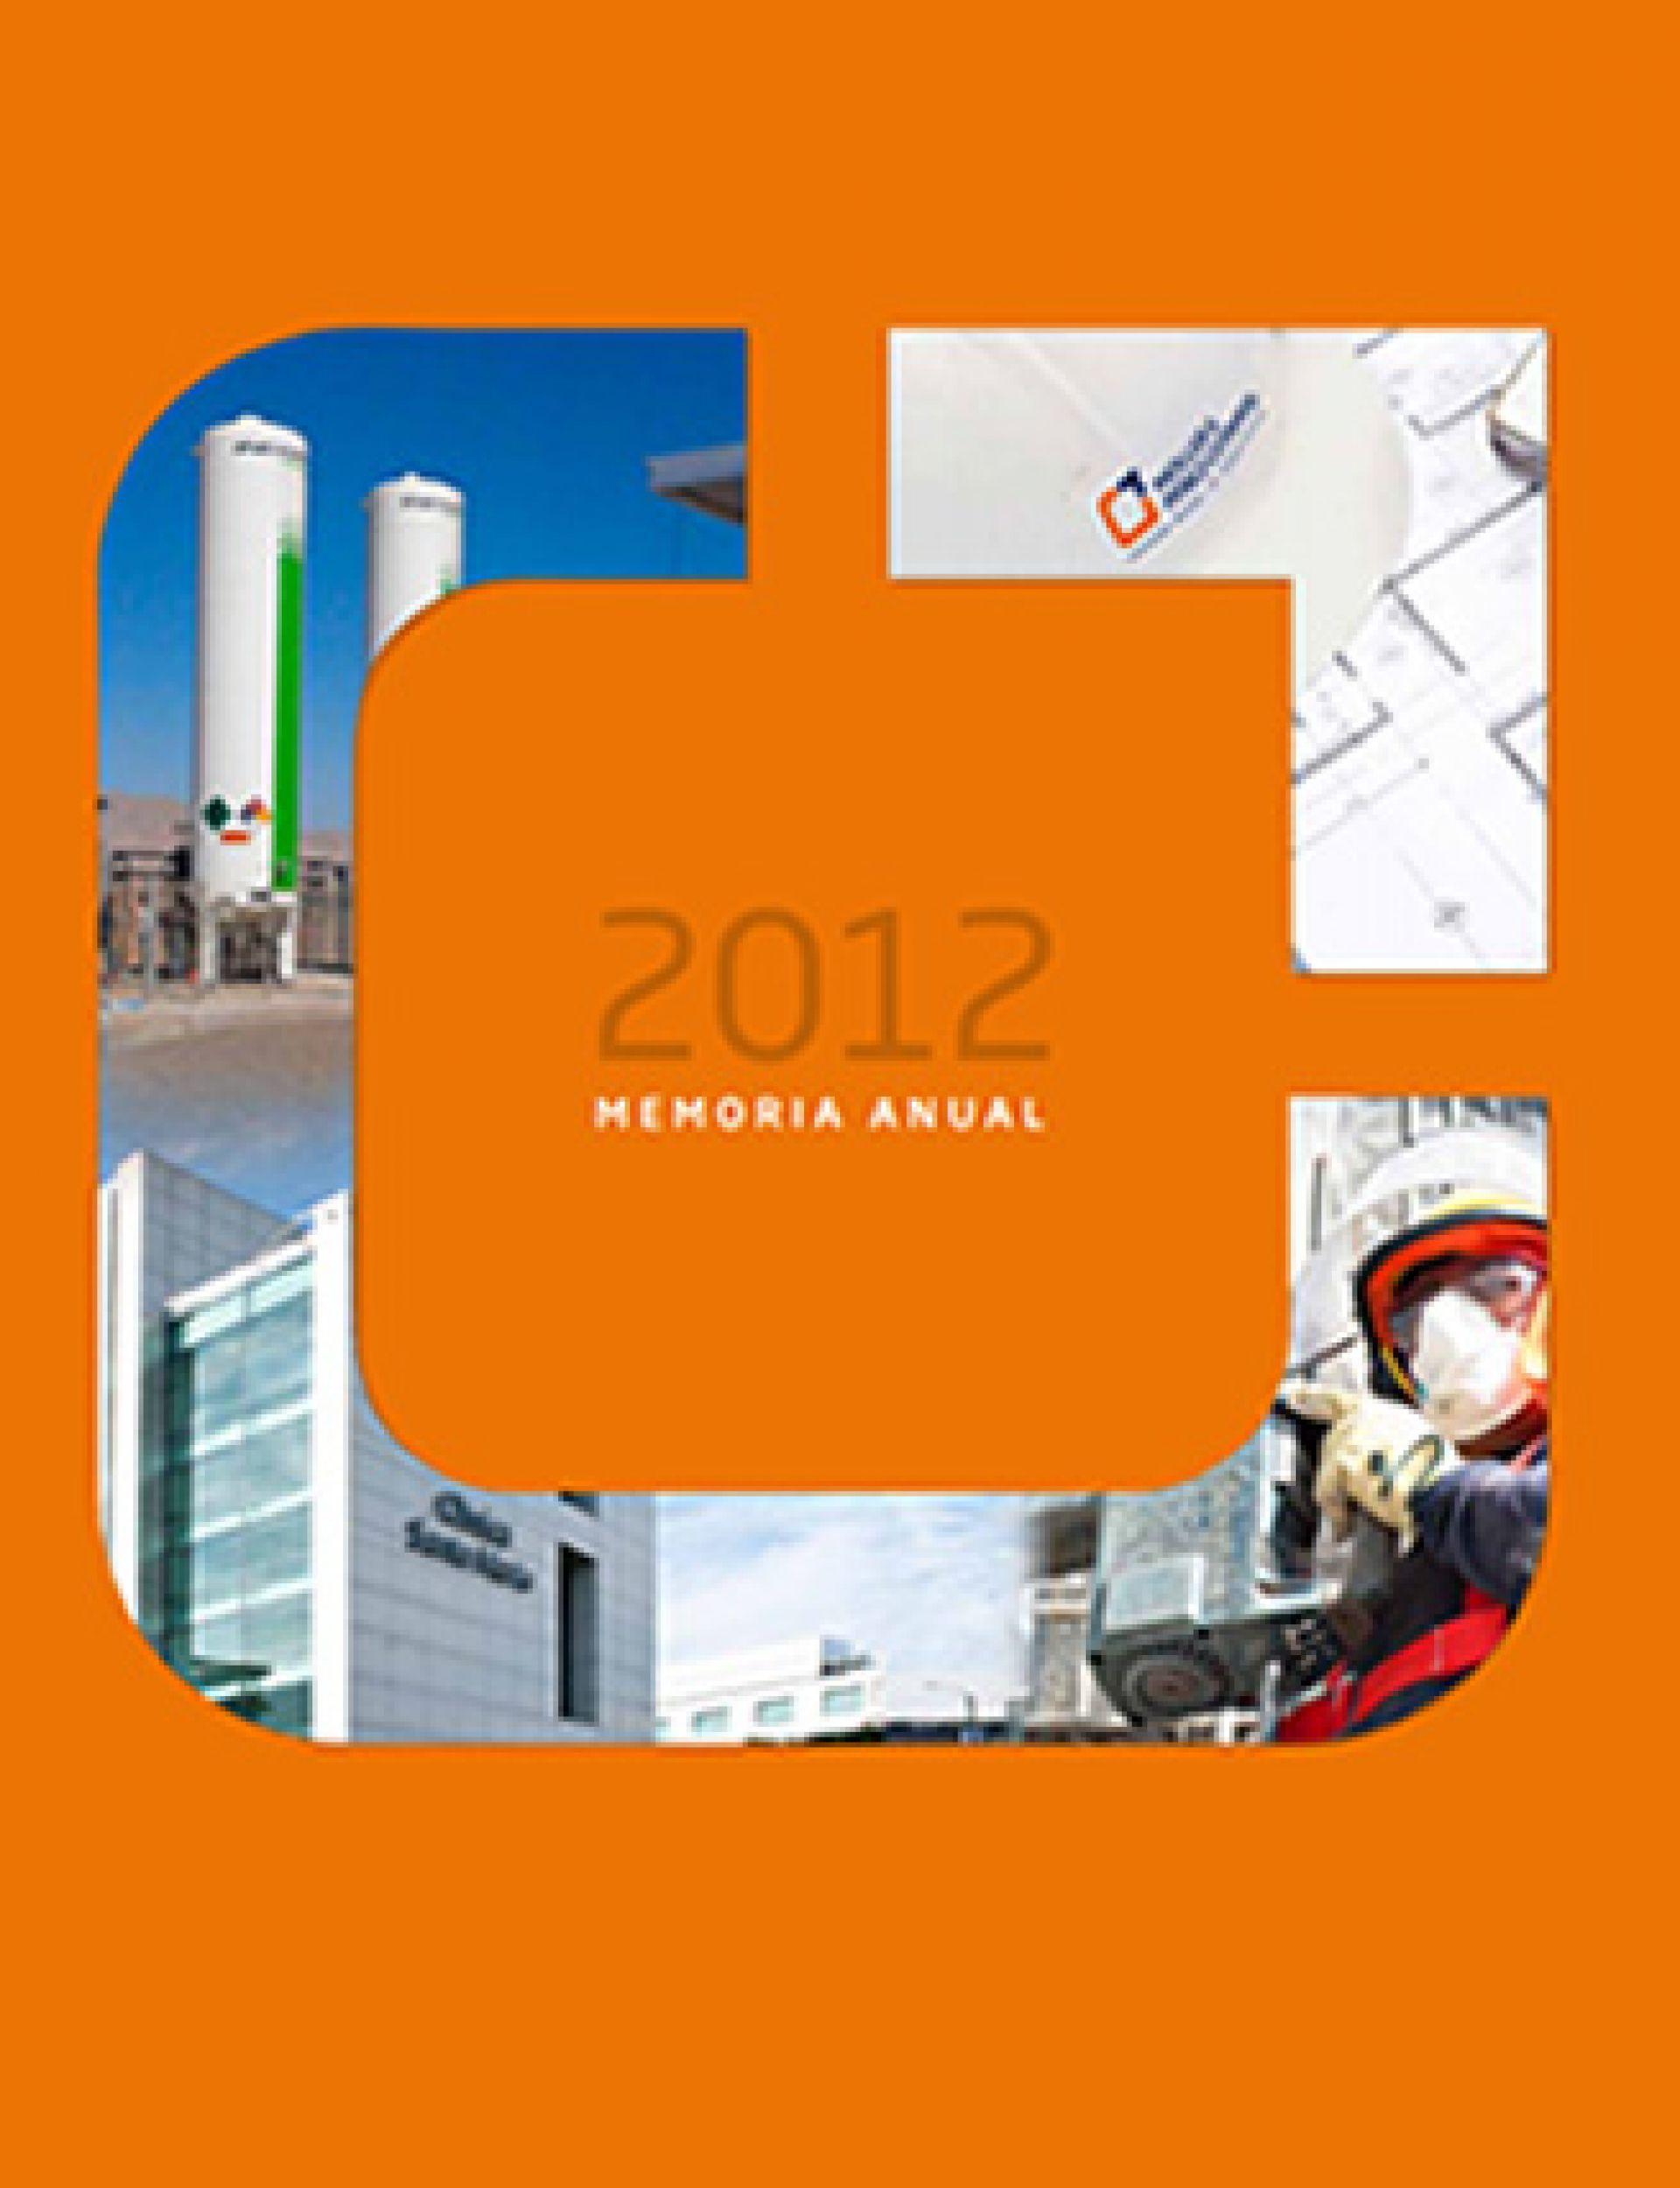 Memoria Anual Moller 2012